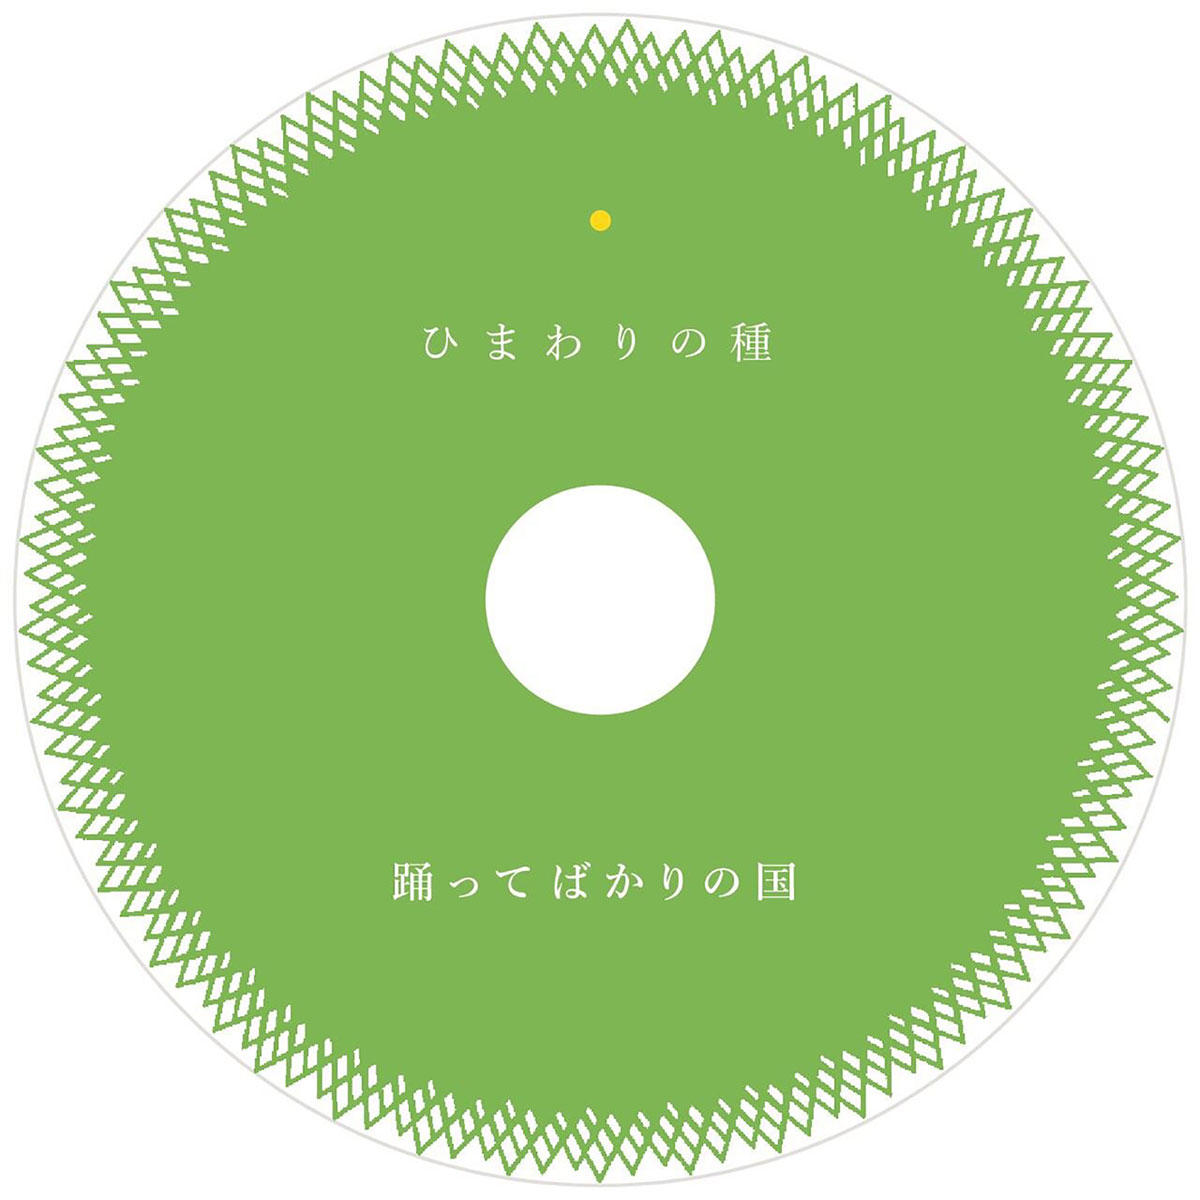 odotte_jk_himawari_1200_20200922.jpg